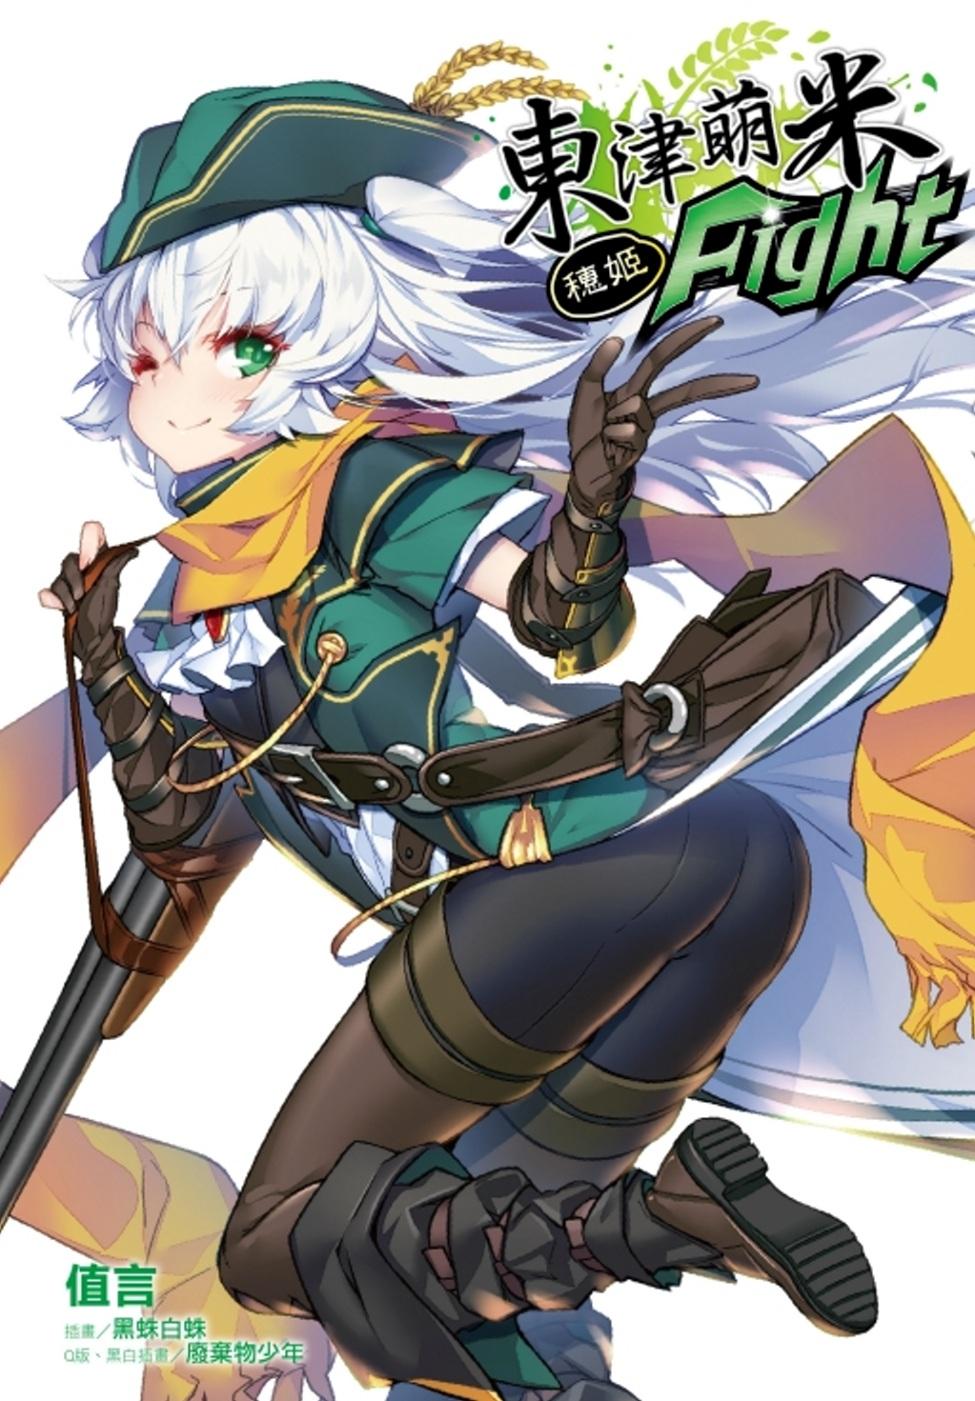 東津萌米 穗姬fight 全(首刷限定版)